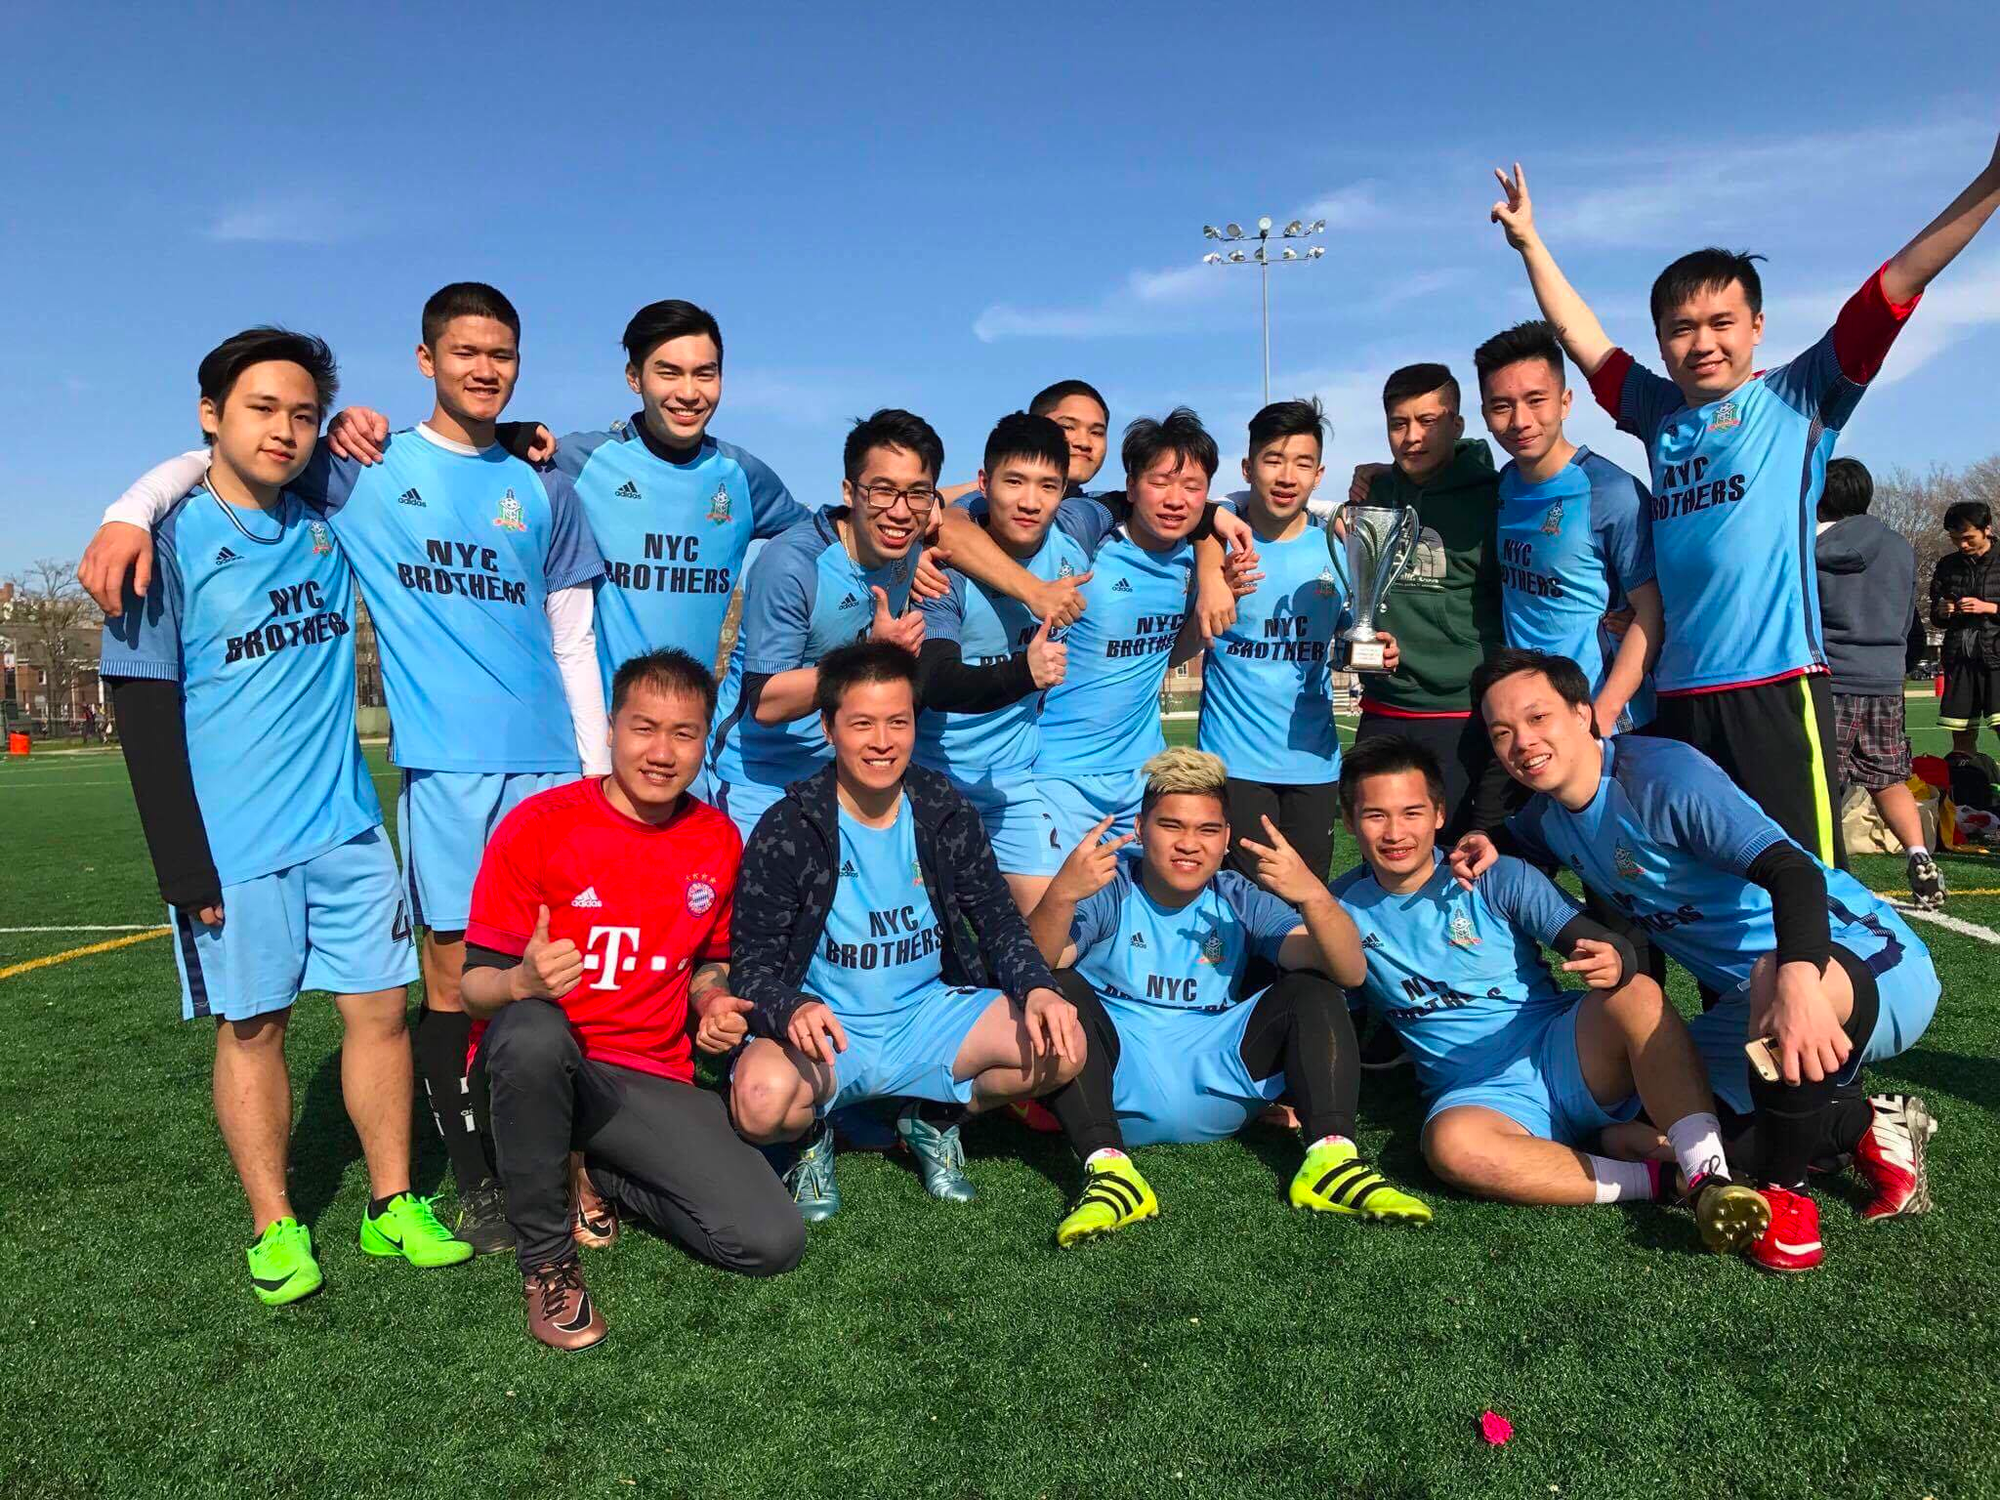 Một năm thắng lợi của Du học sinh Việt tại Mỹ với nhiều hoạt động ý nghĩa - Ảnh 1.